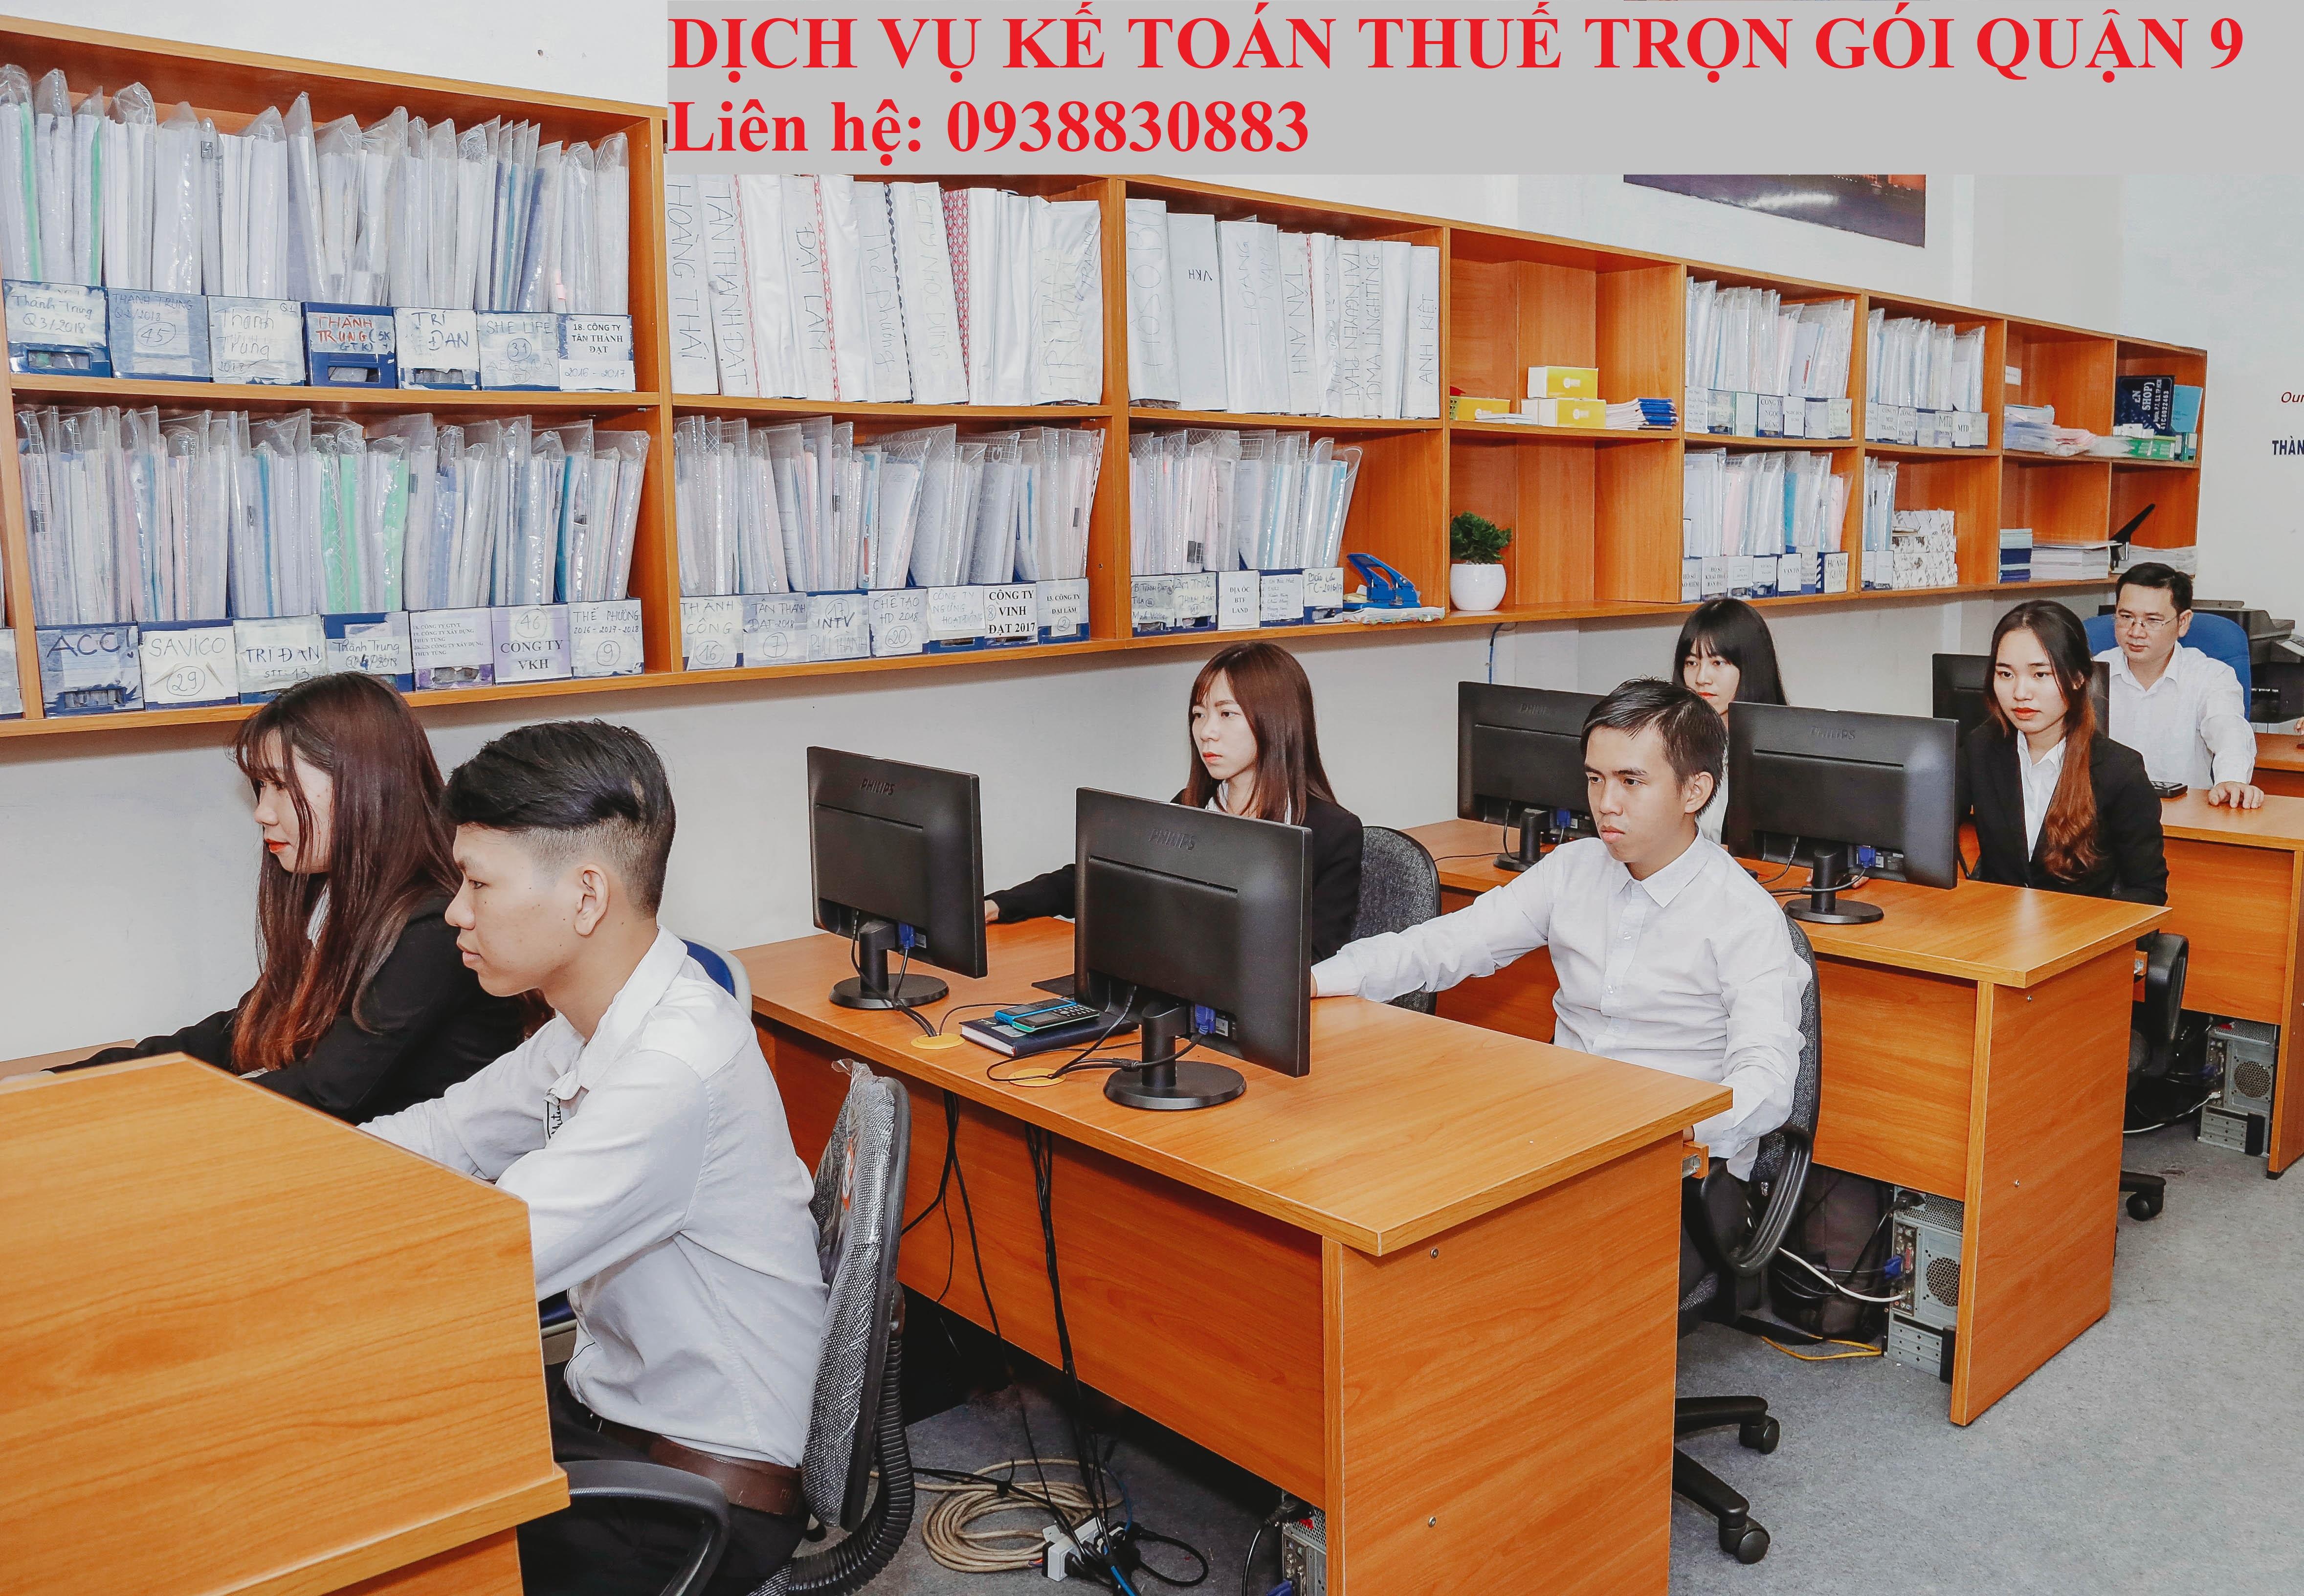 Dịch vụ kế toán thuế Quận 9